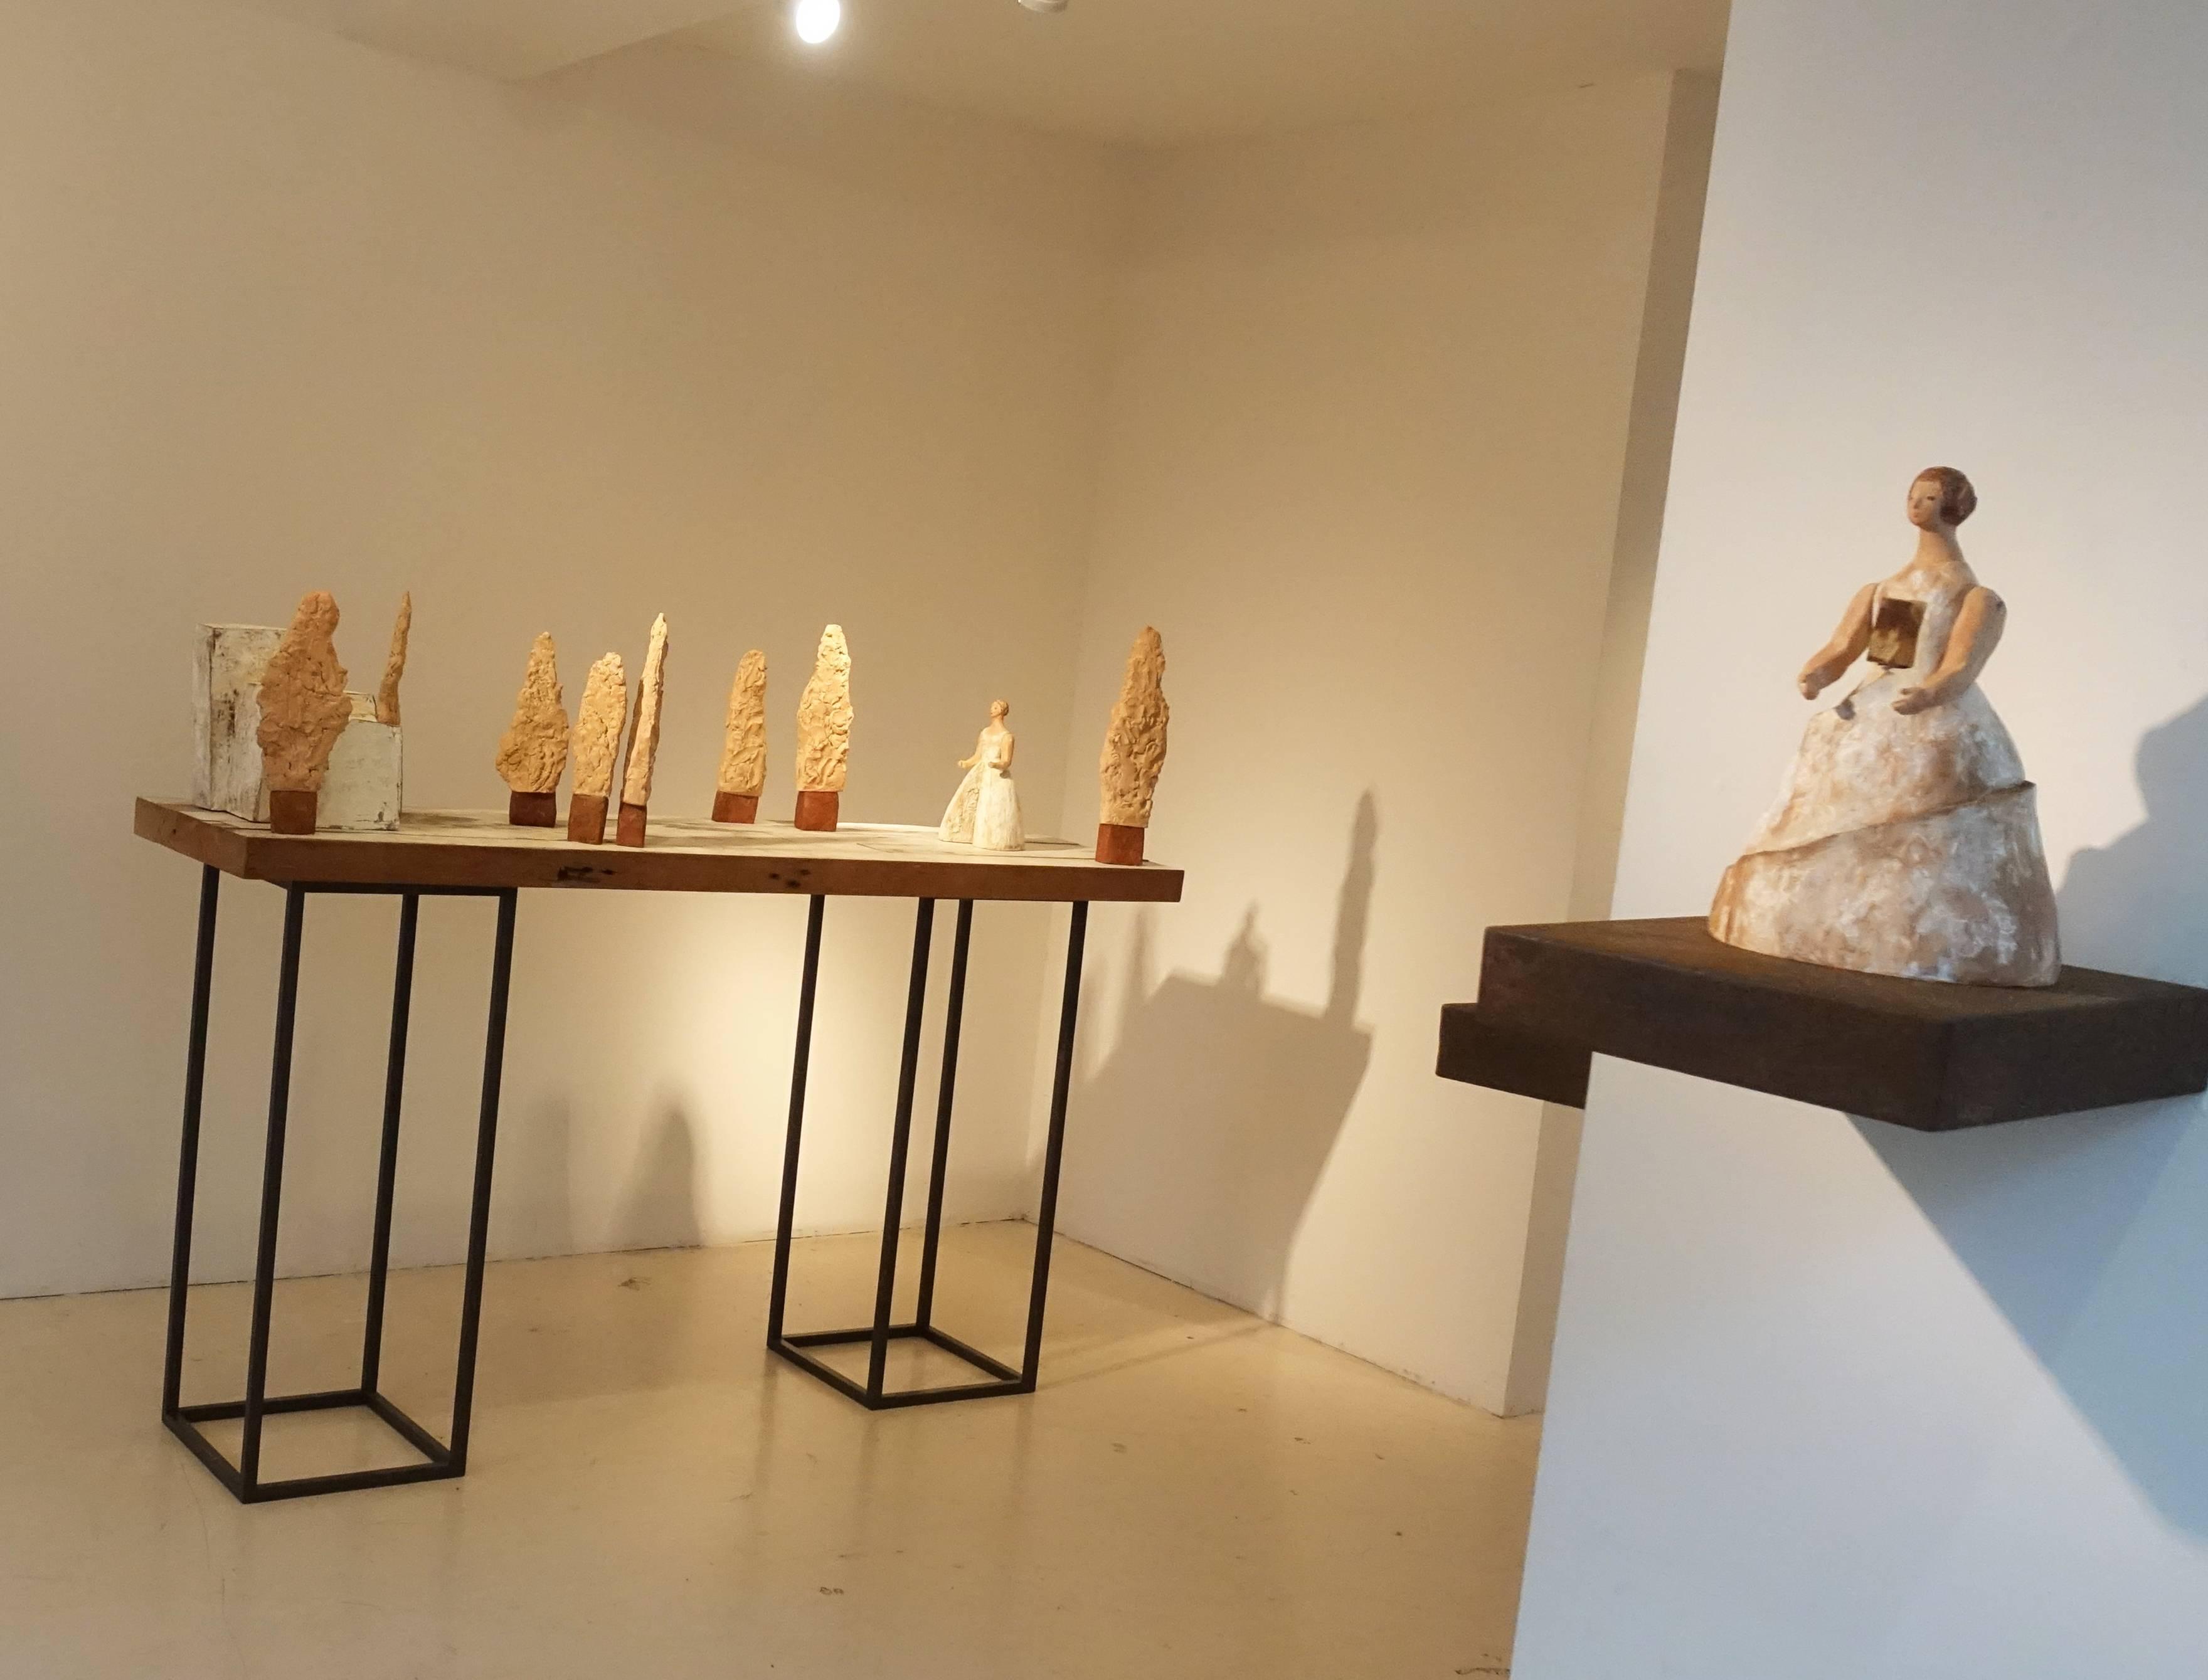 一票人票畫空間展出藝術家林怡芬雕塑作品。